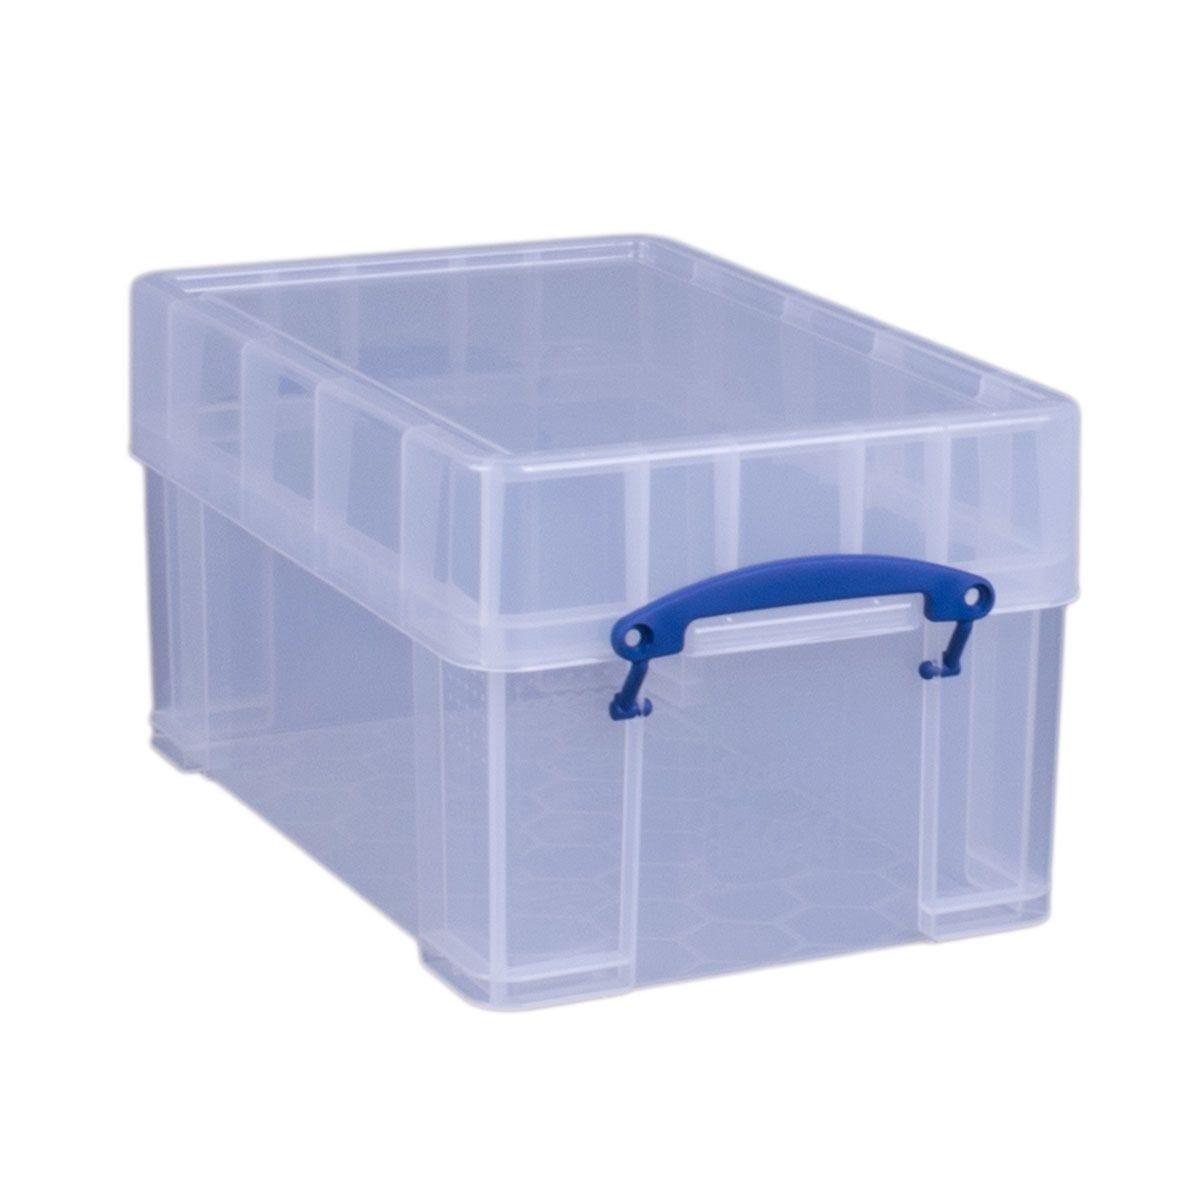 Really Useful 9L XL Storage Box - Clear